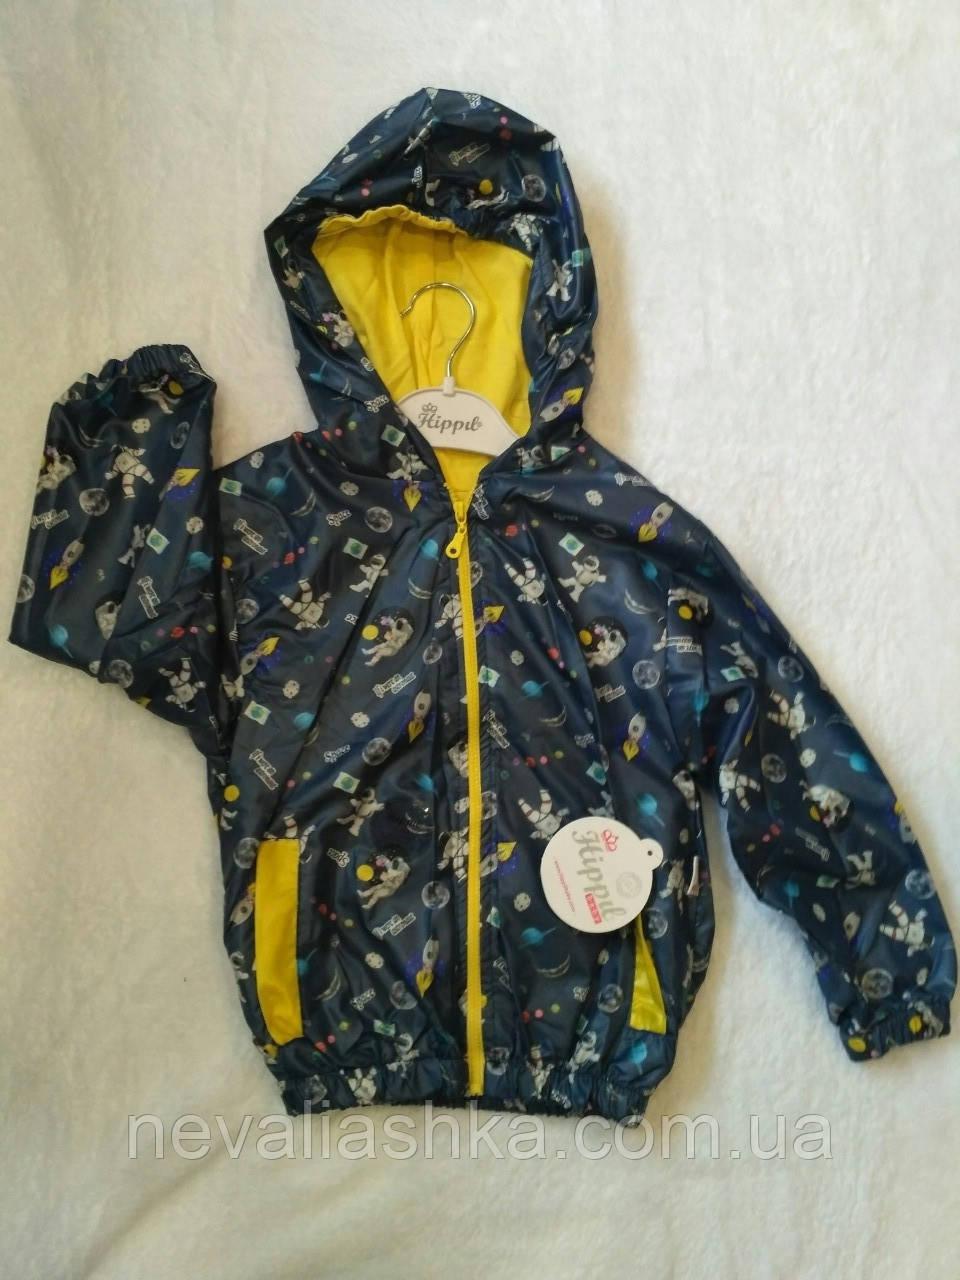 Куртка ветровка для мальчика раз. 4-5-6 лет. Турция